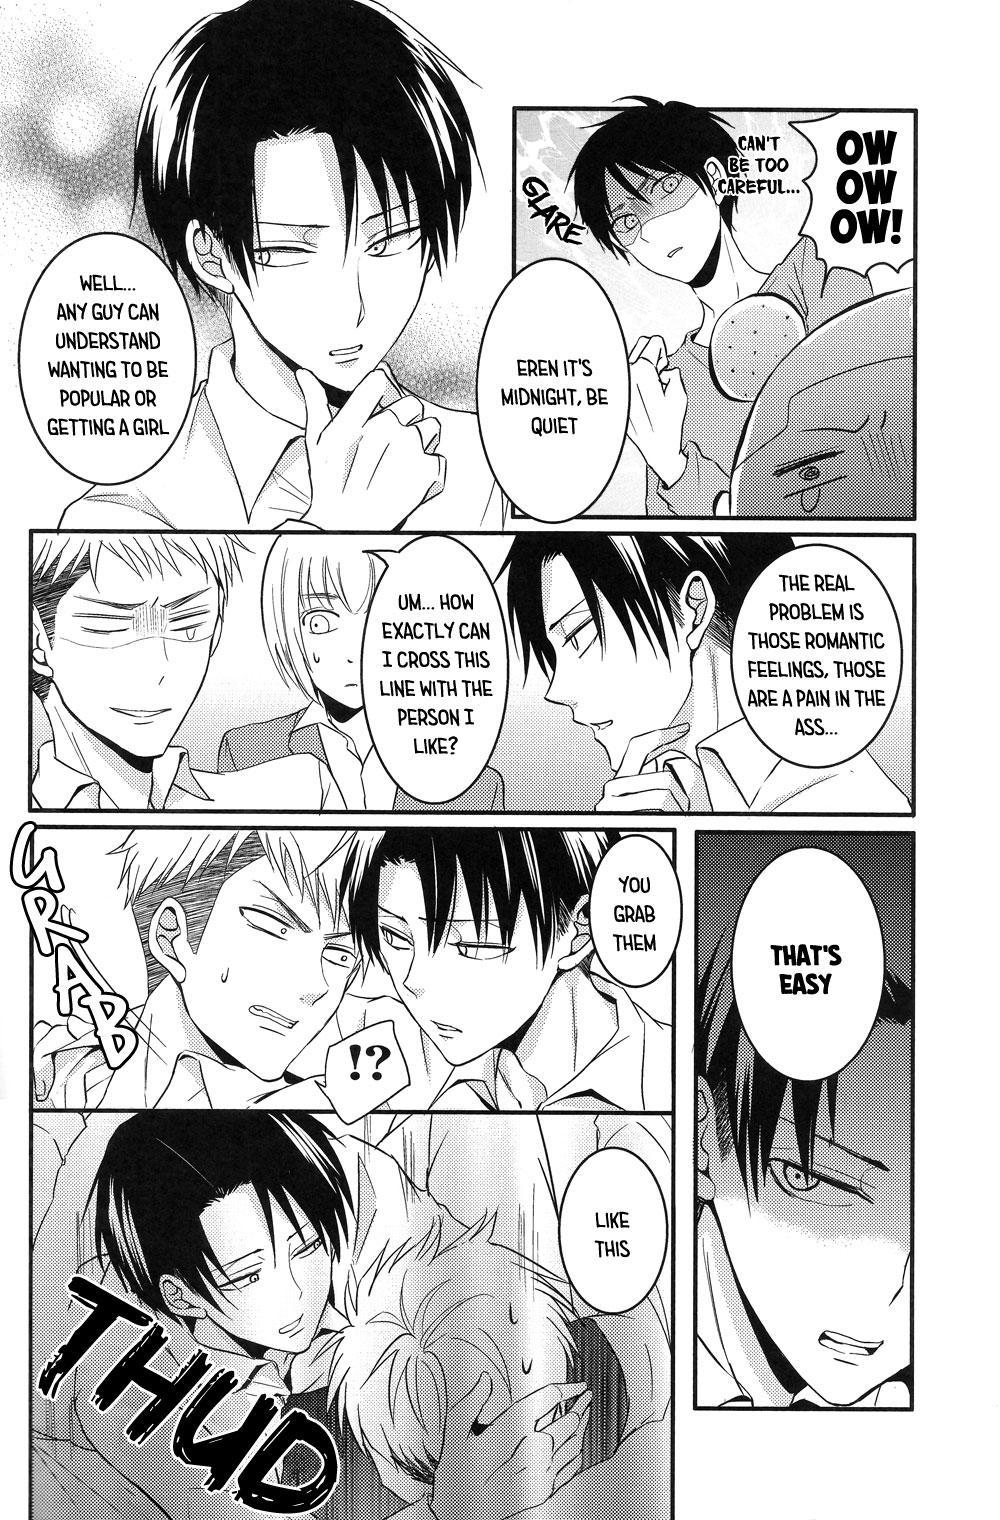 Shinpei no Dokusen yoku ga tsuyo sugite komaru. | The Newbie's Desire to Monopolize is Just Too Strong 8